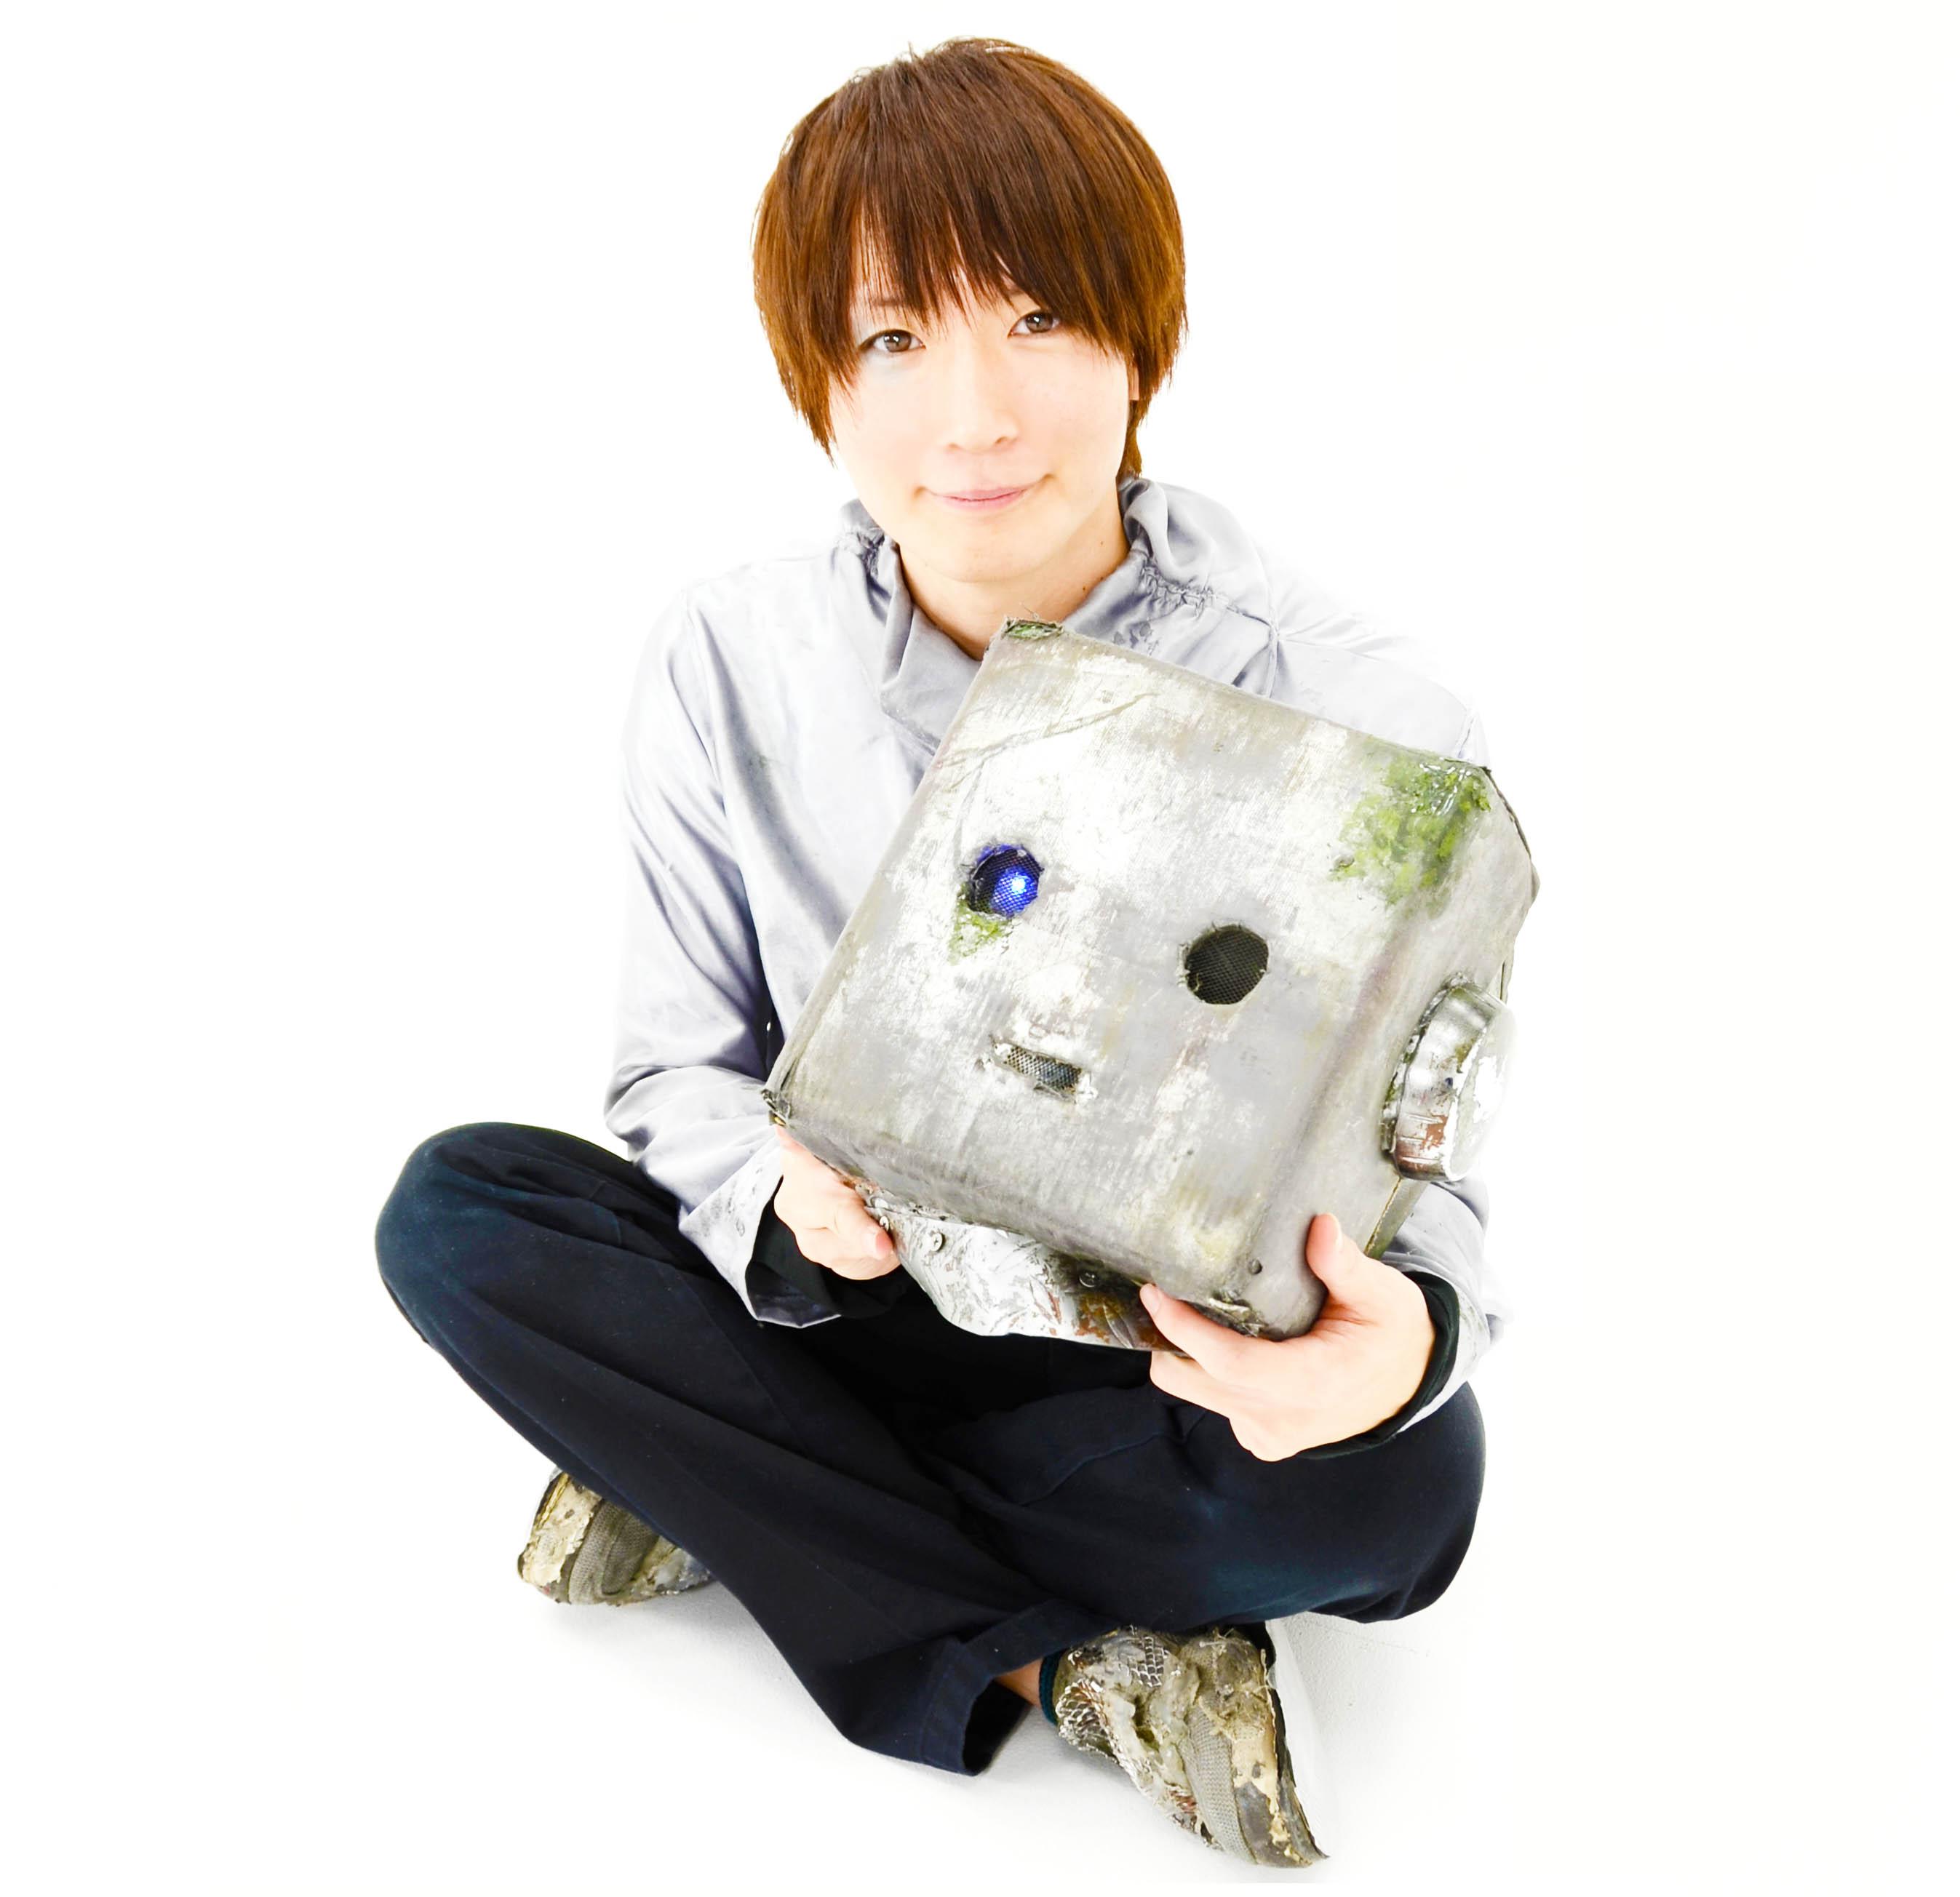 【出演者募集!!】パフォーマンス朗読劇 2「星の王子様とロボット(仮)」